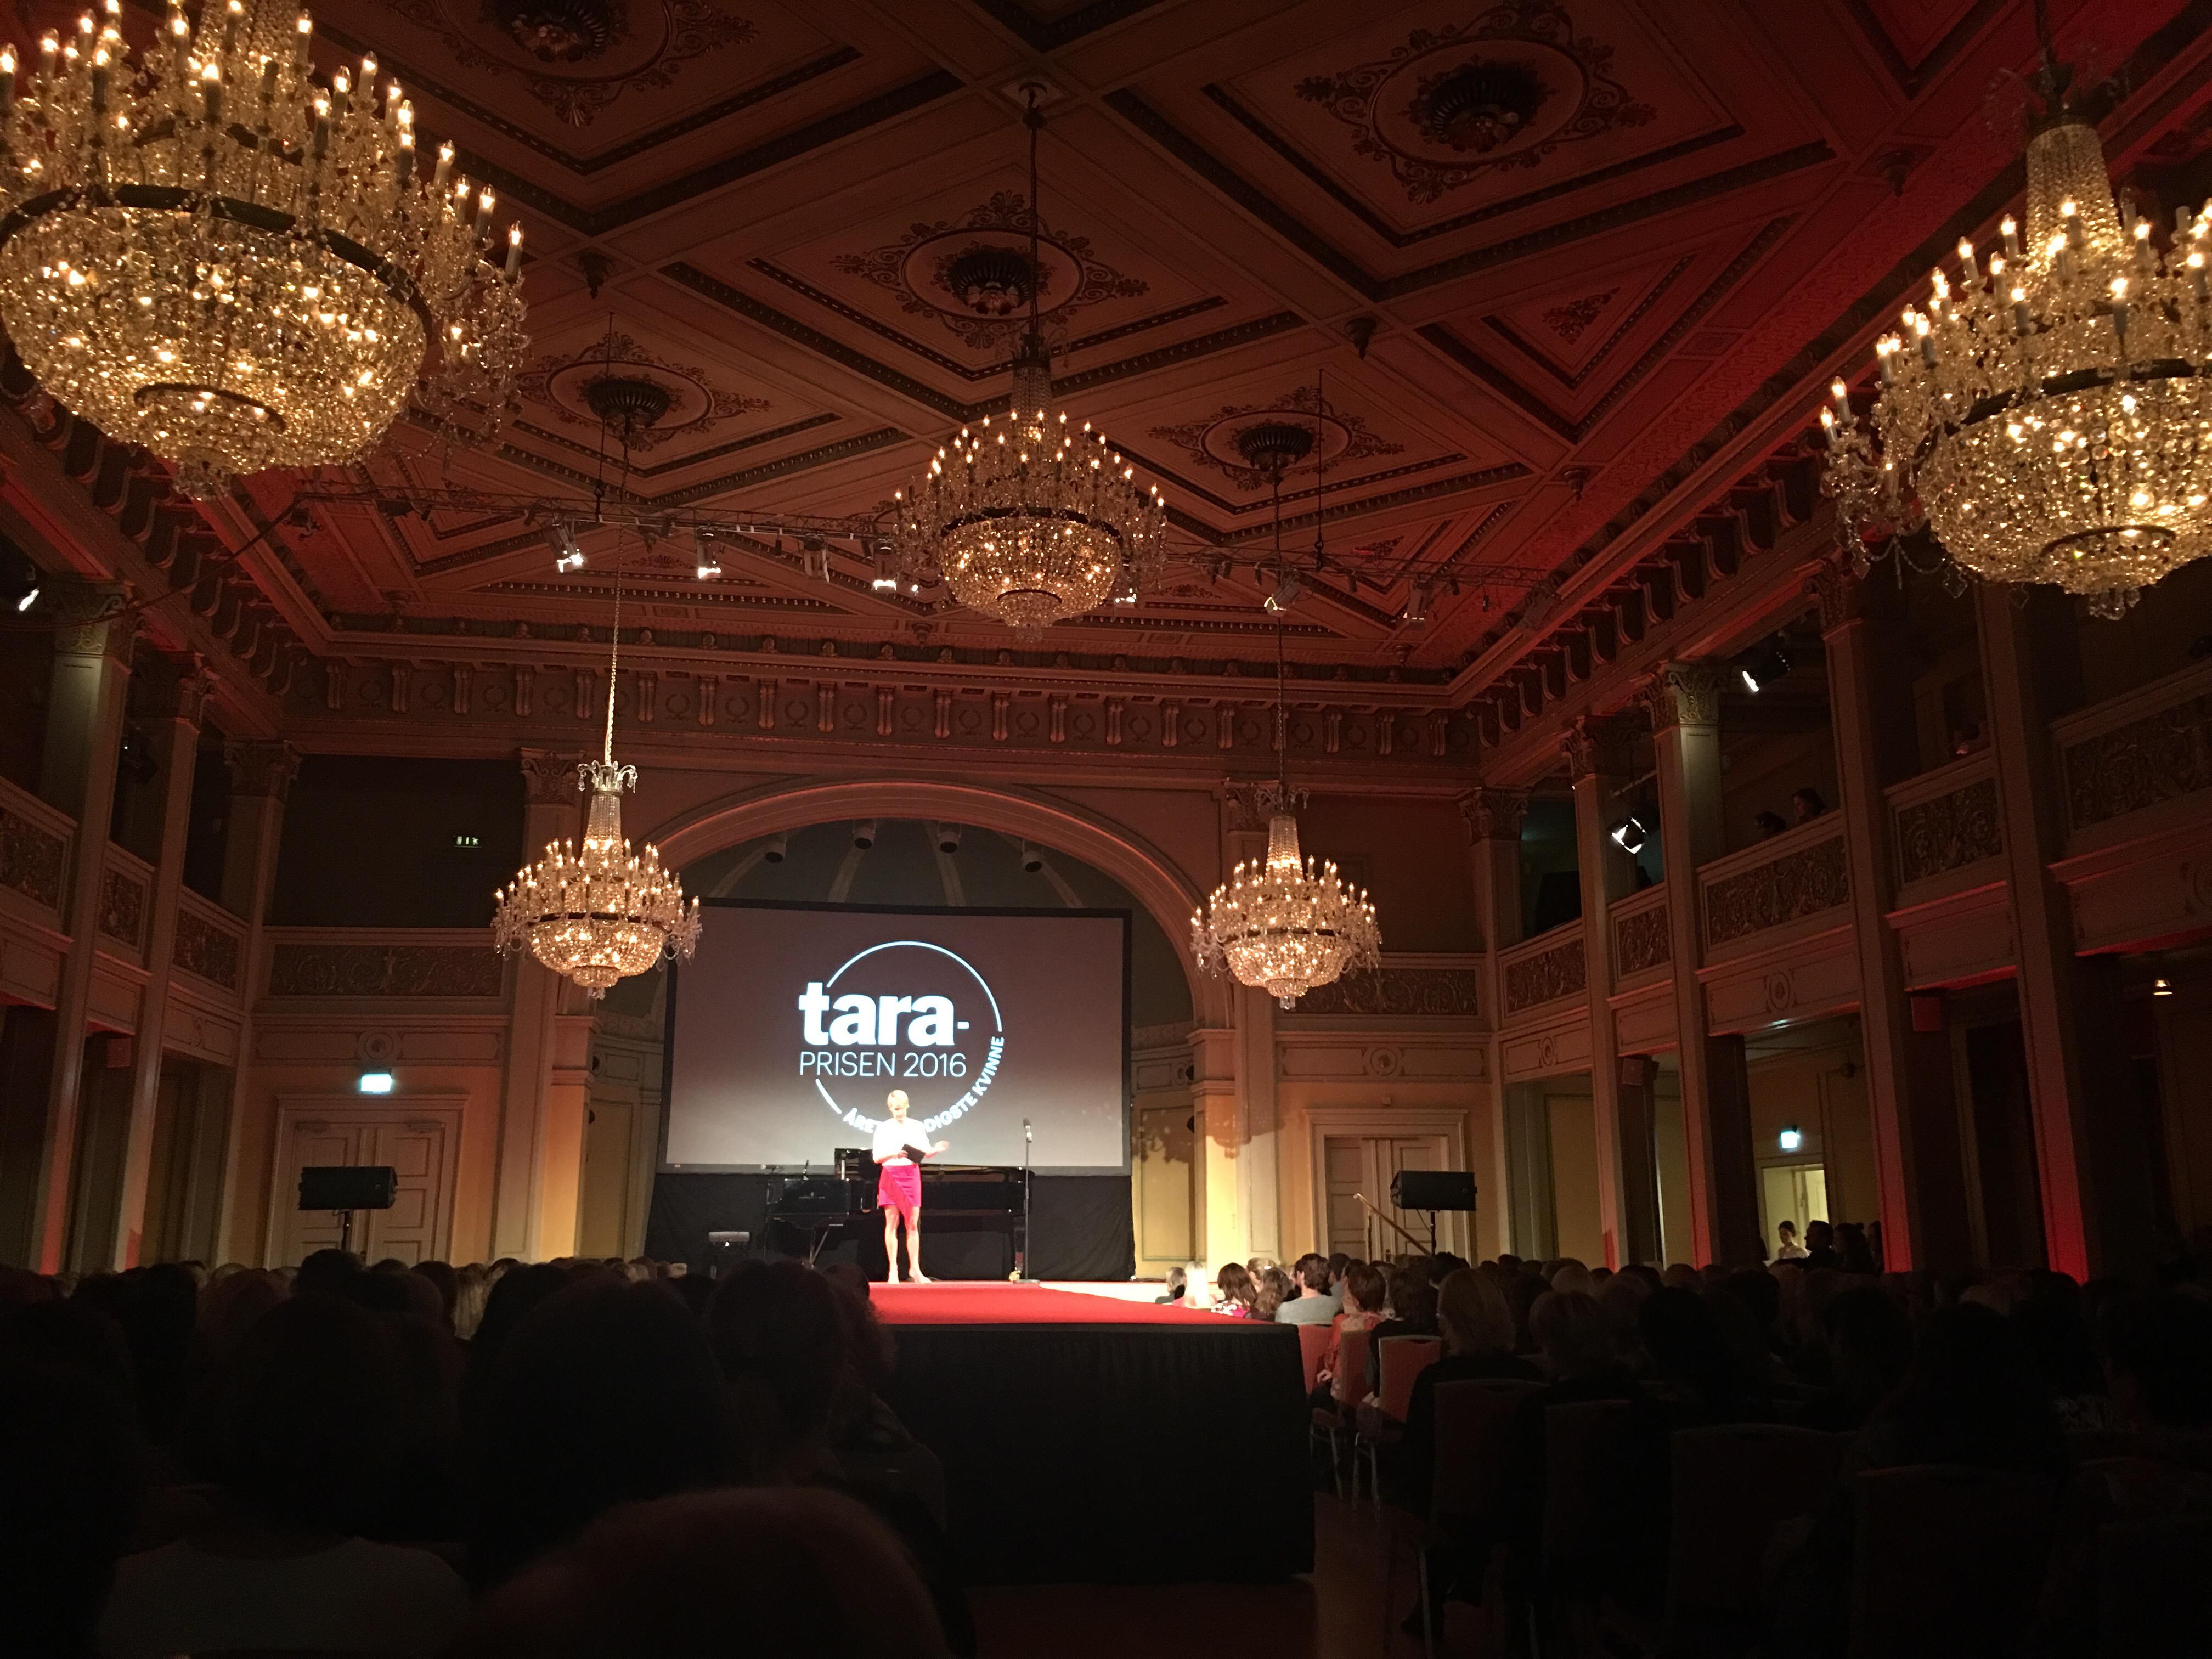 Tara-prisen 2016! Tara kårer årets modigste kvinne på Gamle Logen